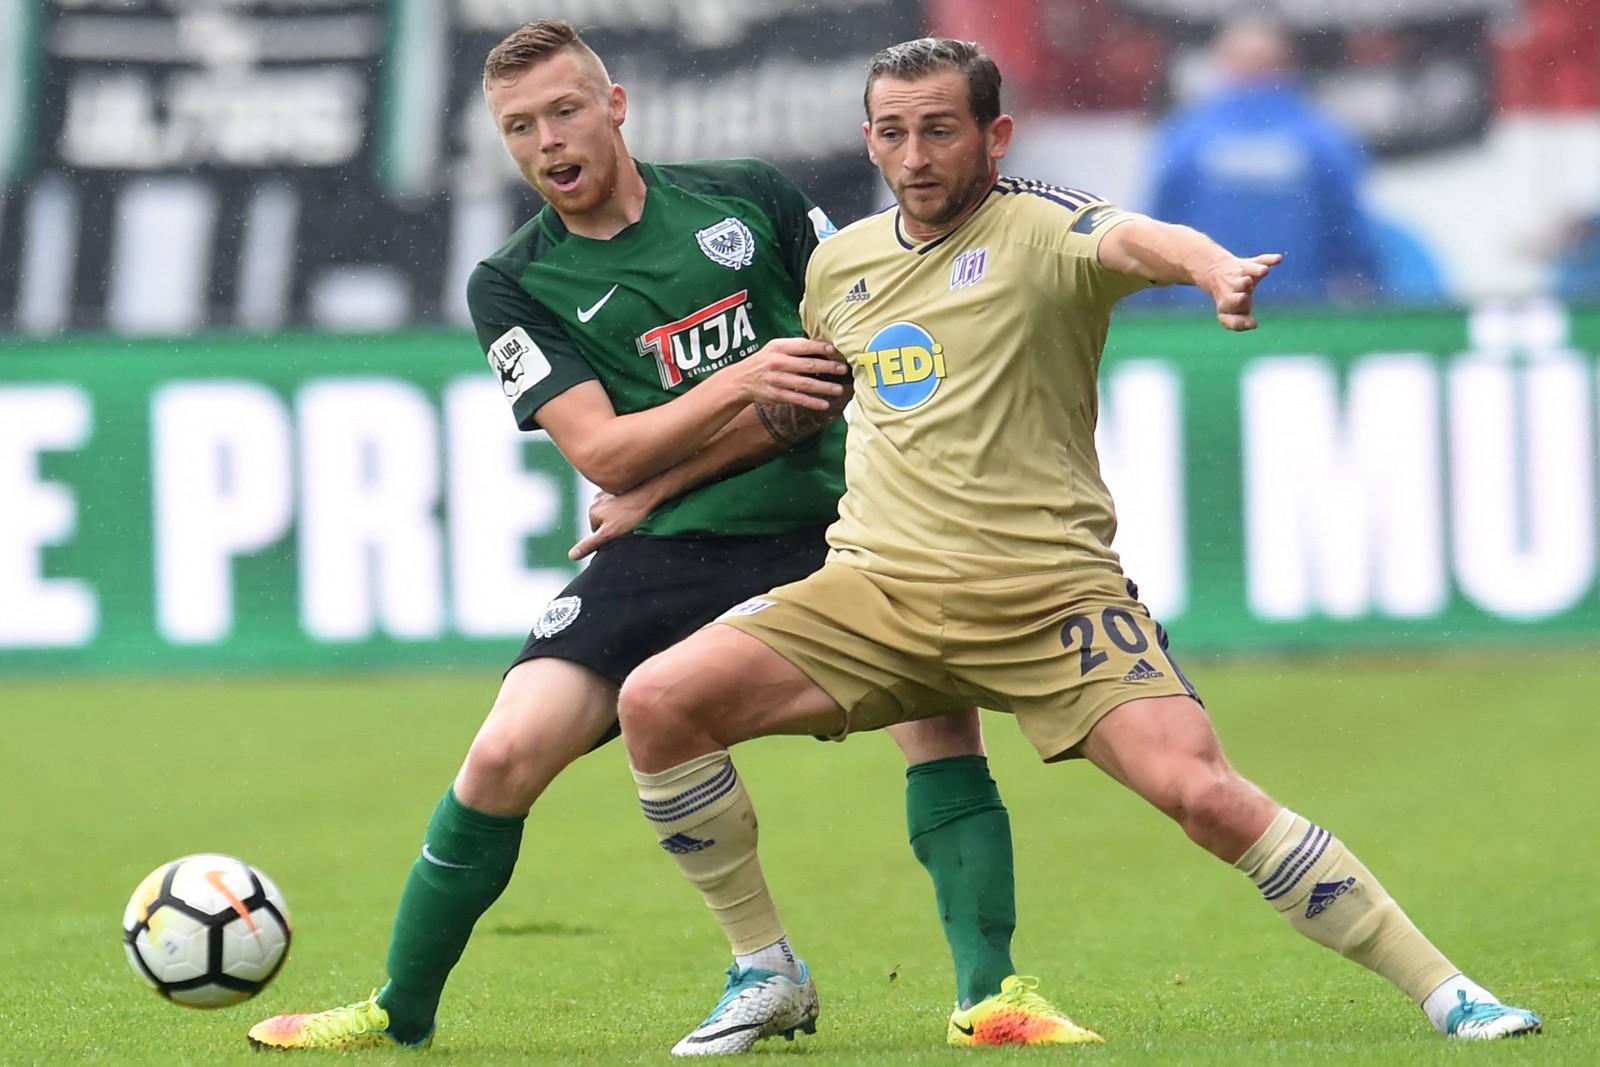 Marc Heider vom VfL Osnabrück gegen Fabian Menig von Preußen Münster